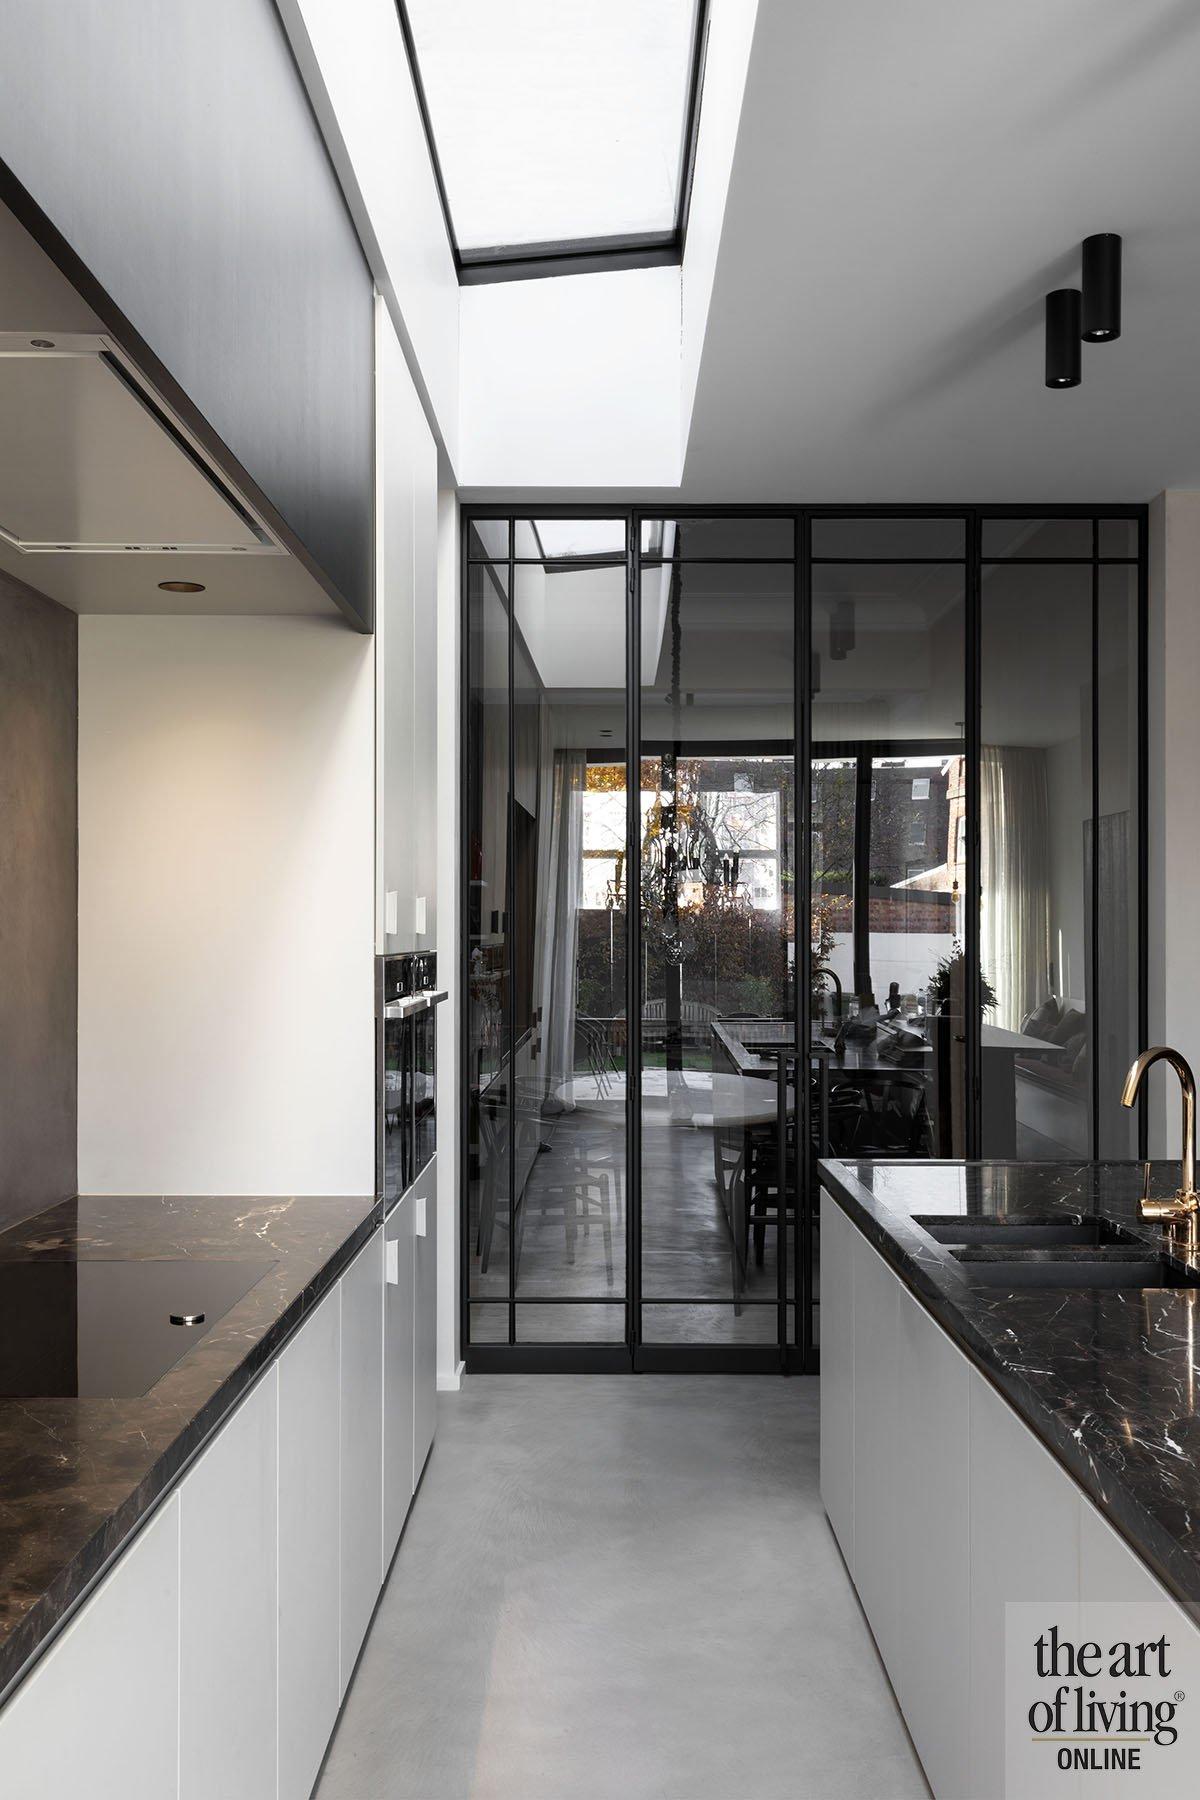 interieur ideeen, natascha persoone, strak interieur, modern